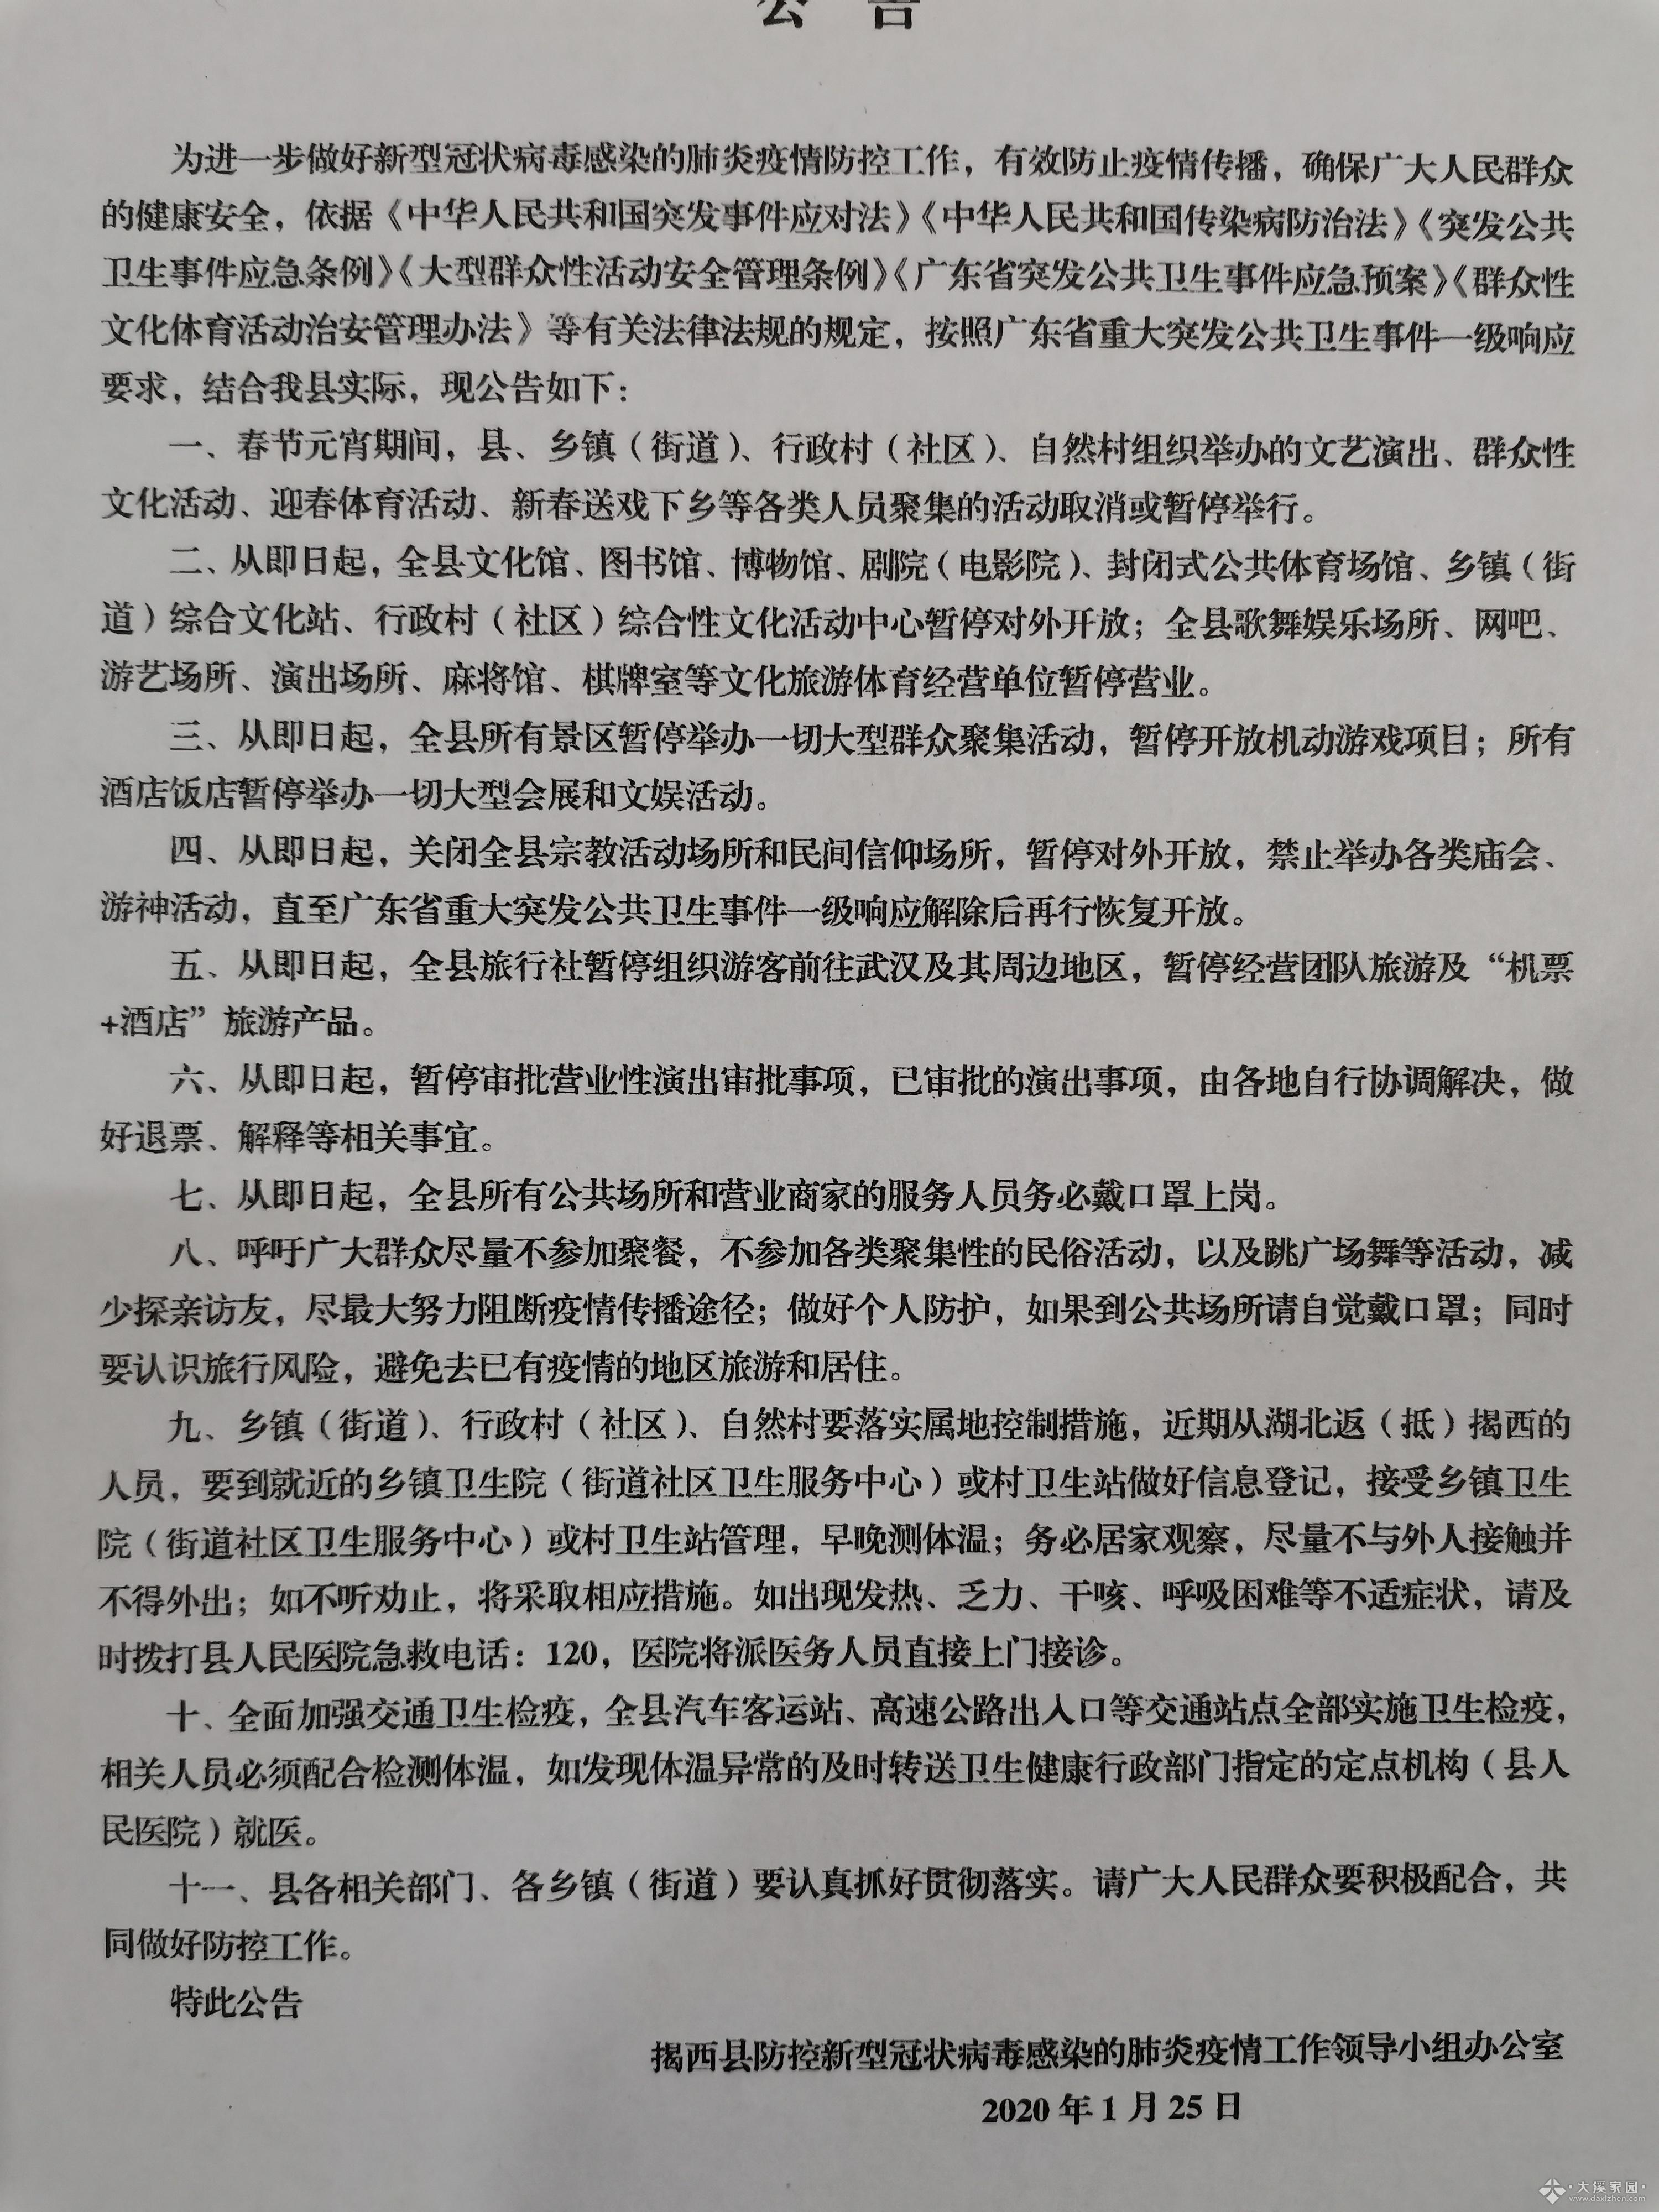 揭西县防控新型冠状病毒感染的肺炎疫情公告